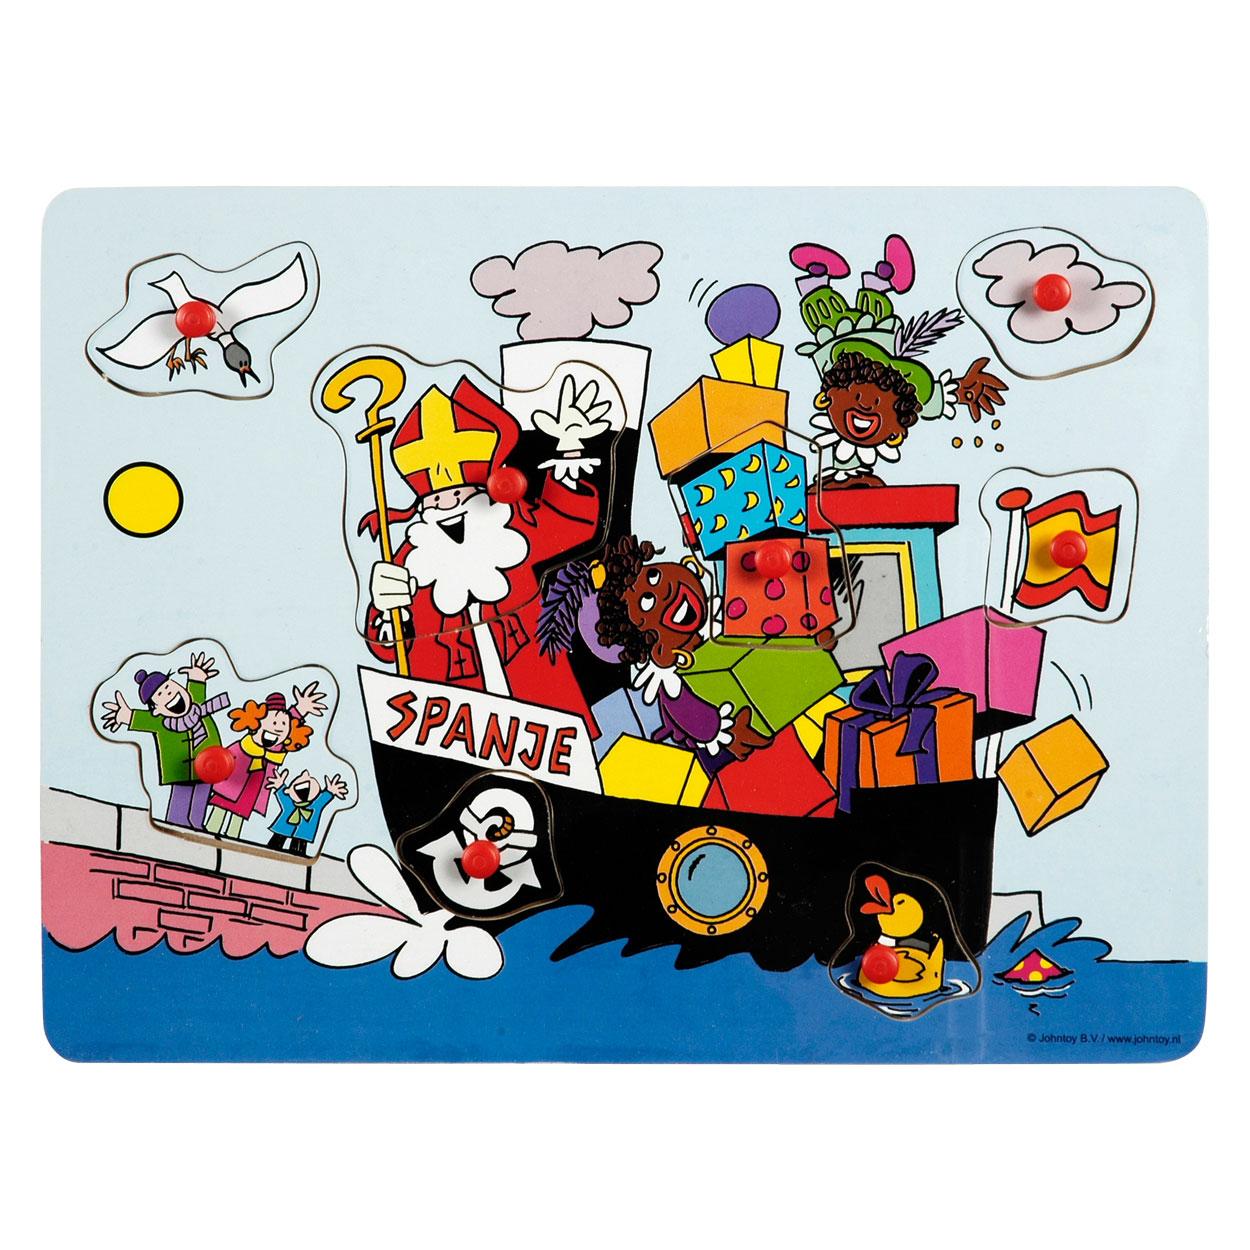 Houten Noppenpuzzel Stoomboot Sinterklaas Online Kopen